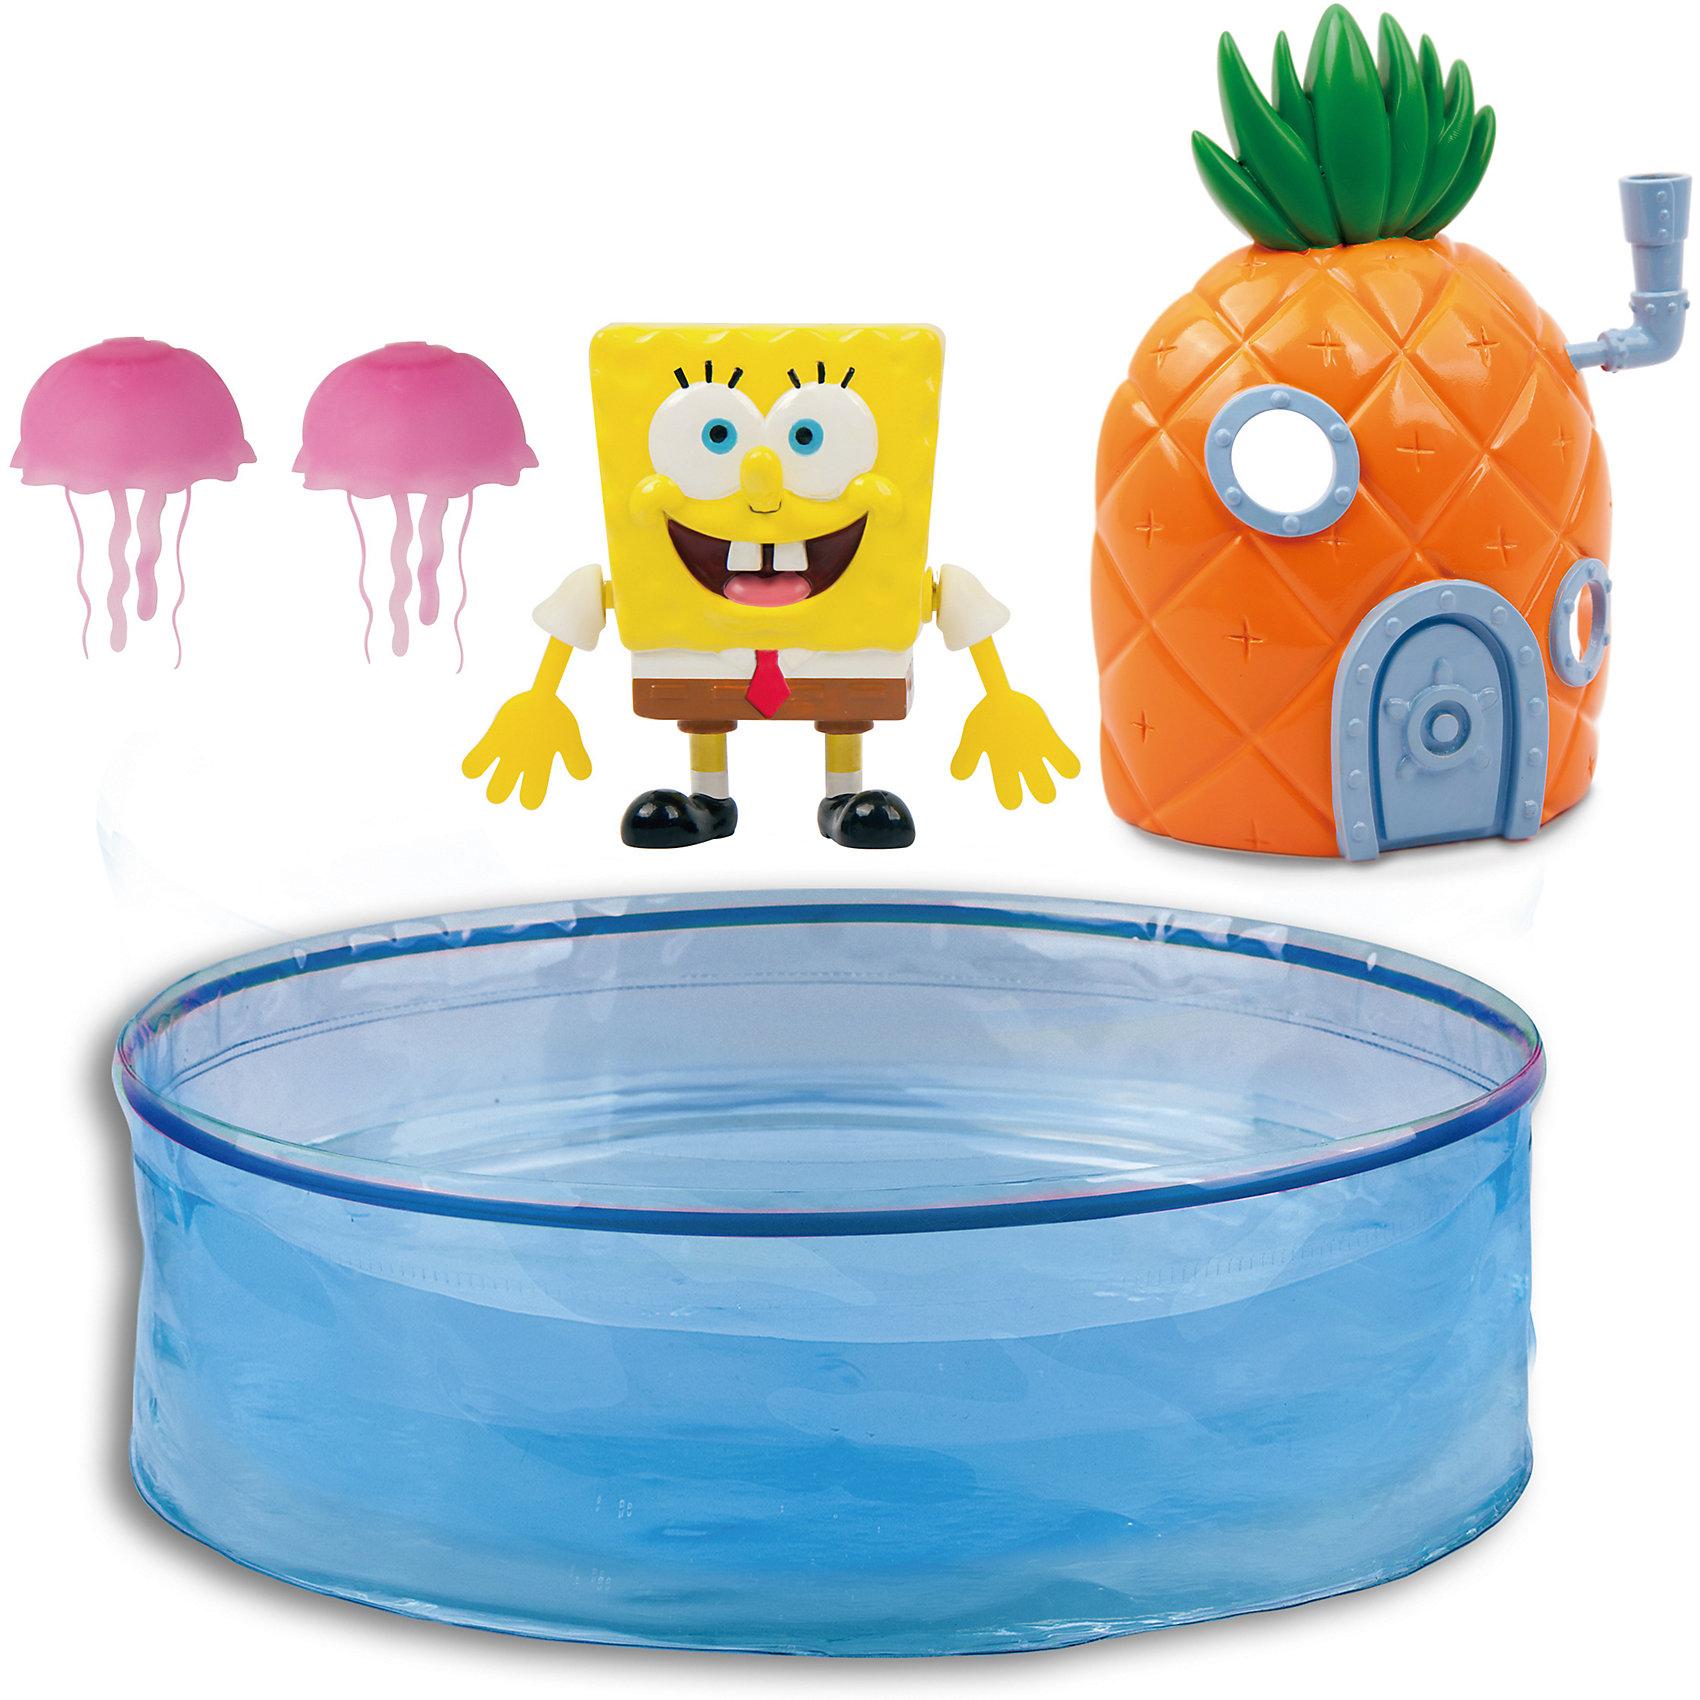 Набор Спанч Боб с аквариумом и домиком, ZURUЗаводные игрушки<br>Характеристики товара:<br><br>• возраст от 3 лет<br>• материал: пластик<br>• в комплекте: аквариум, Спанч Боб, домик, 2 медузы<br>• размер фигурки 6,5 см х 5,5 см<br>• диаметр аквариума 40 см<br>• тип батареек: 2 х AG13 / LR44 (миниатюрные)<br>• наличие батареек: входят в комплект<br>• герой: Губка Боб / Sponge Bob<br>• размер упаковки 33х23х12 см<br>• вес упаковки 783 г.<br>• паковка: картонная коробка блистерного типа<br>• страна бренда: Новая Зеландия<br>• страна производитель: Китай<br><br>Набор Спанч Боб с аквариумом и домиком Zuru — увлекательная игрушка, созданная по мотивам известного мультфильма про Спанч Боба. Спанч Боб живет в домике в виде ананаса на дне большого аквариума. Он умеет плавать, двигая ручками. Если одну руку убрать назад, а вторую вытянуть вперед, то Спанч Боб закружится на поверхности. Если ручки вытянуты вперед, то он будет плавать вперед, а вытянув их назад, Спанч Боб поплывет в обратном направлении.<br><br>Игрушка изготовлена из качественного безопасного пластика. Работает от 2 батареек LR44 (в комплекте). Работает в режиме экономии батареек, через 4 минуты Спанч Боб отключается автоматически.<br><br>Набор Спанч Боб с аквариумом и домиком Zuru можно приобрести в нашем интернет-магазине.<br><br>Ширина мм: 120<br>Глубина мм: 330<br>Высота мм: 230<br>Вес г: 783<br>Возраст от месяцев: 36<br>Возраст до месяцев: 2147483647<br>Пол: Унисекс<br>Возраст: Детский<br>SKU: 5544182